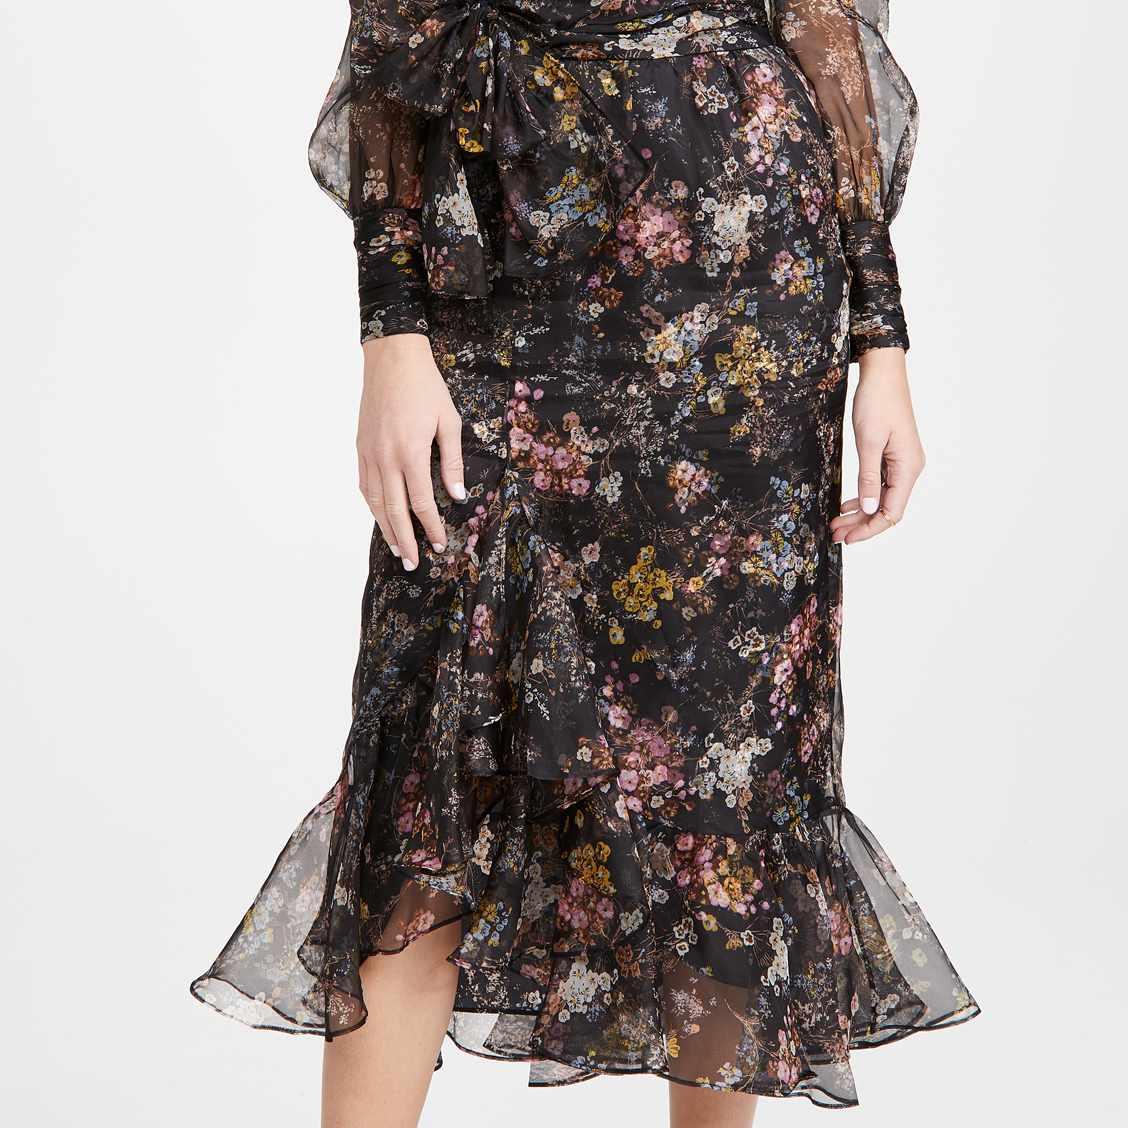 Cinq a Sept Marianne Dress, $695